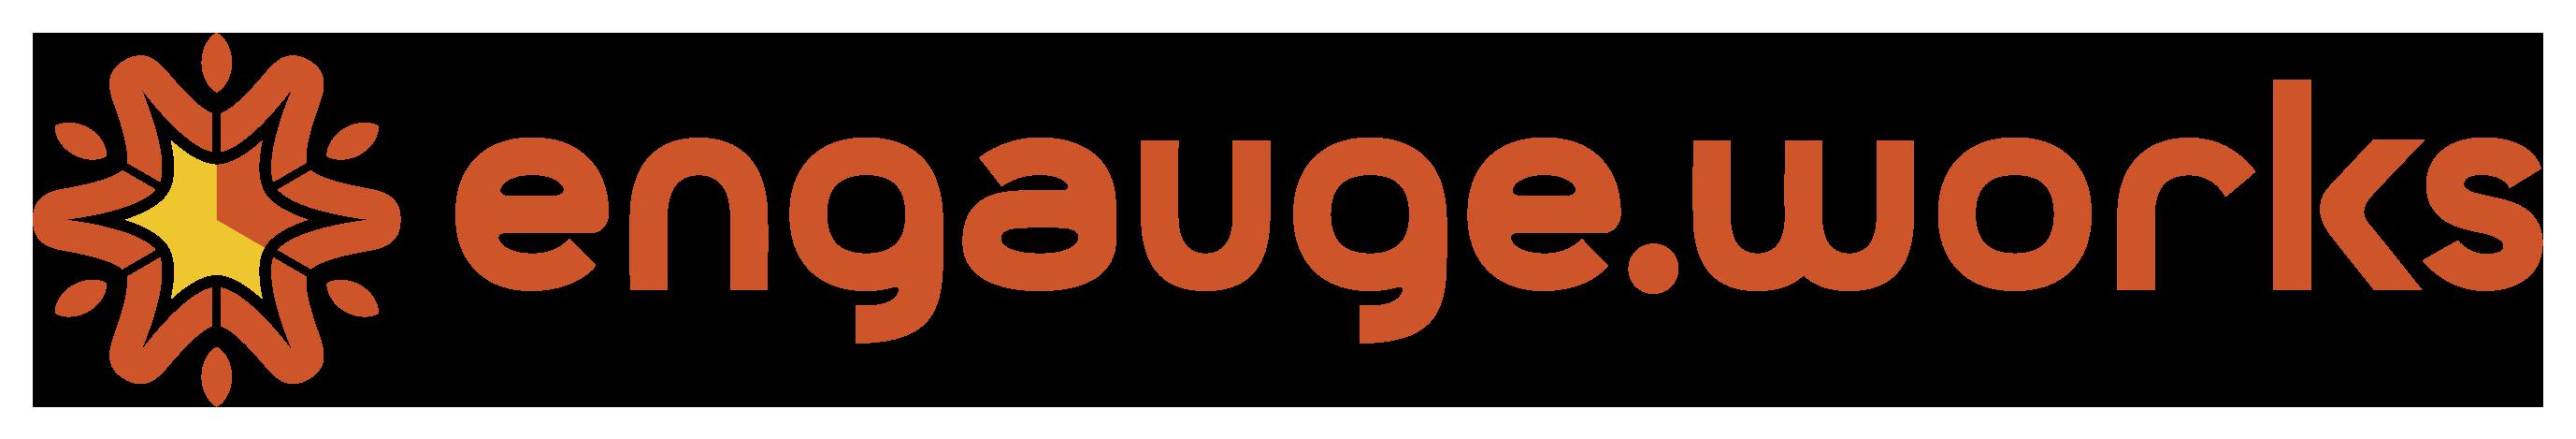 engauge.works_画像